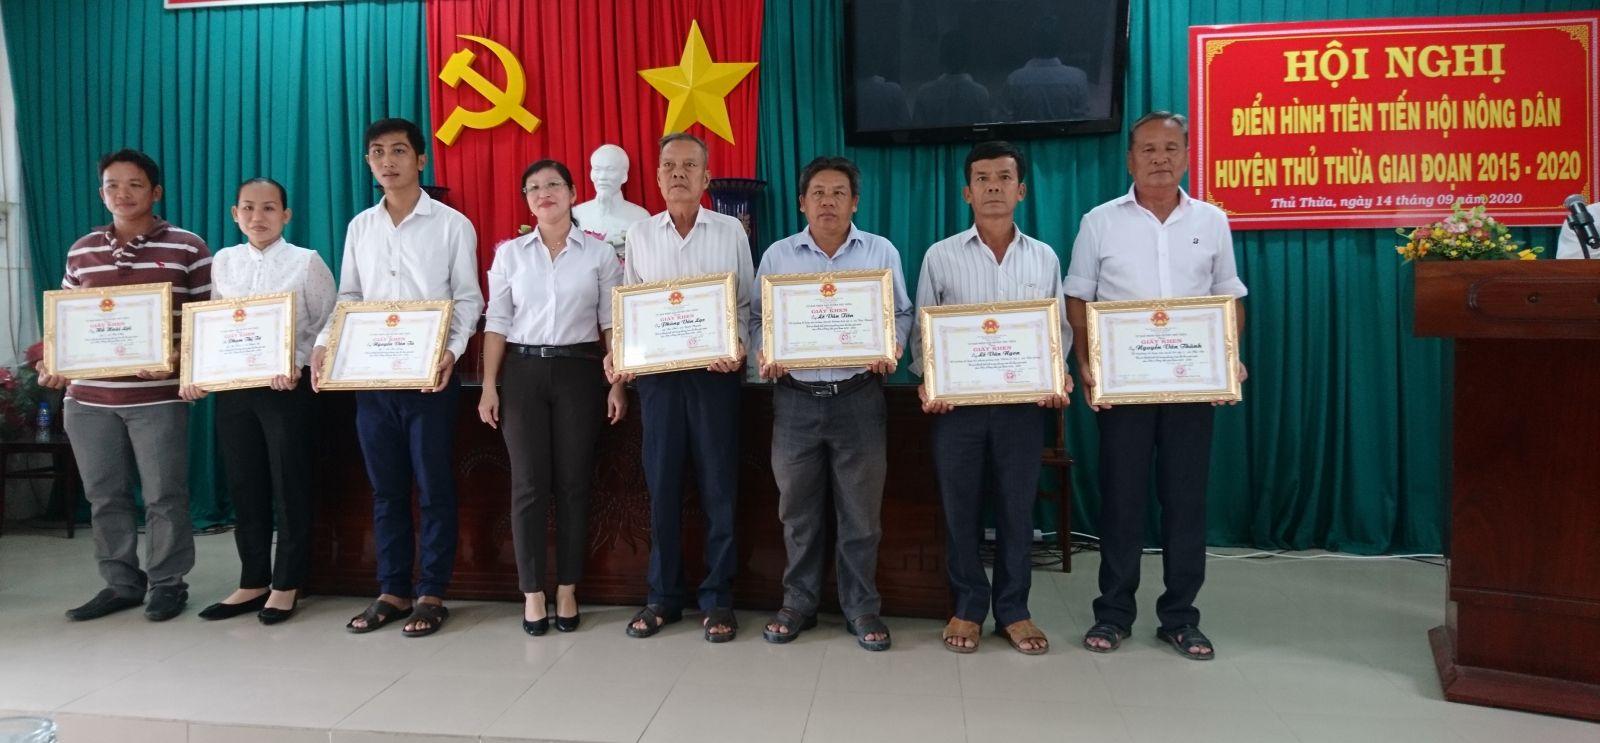 Anh Lê Văn Tiên (thứ 3, phải qua) được huyện khen thưởng tại Hội nghị điển hình tiên tiến Hội Nông dân huyện Thủ Thừa giai đoạn 2015-2020